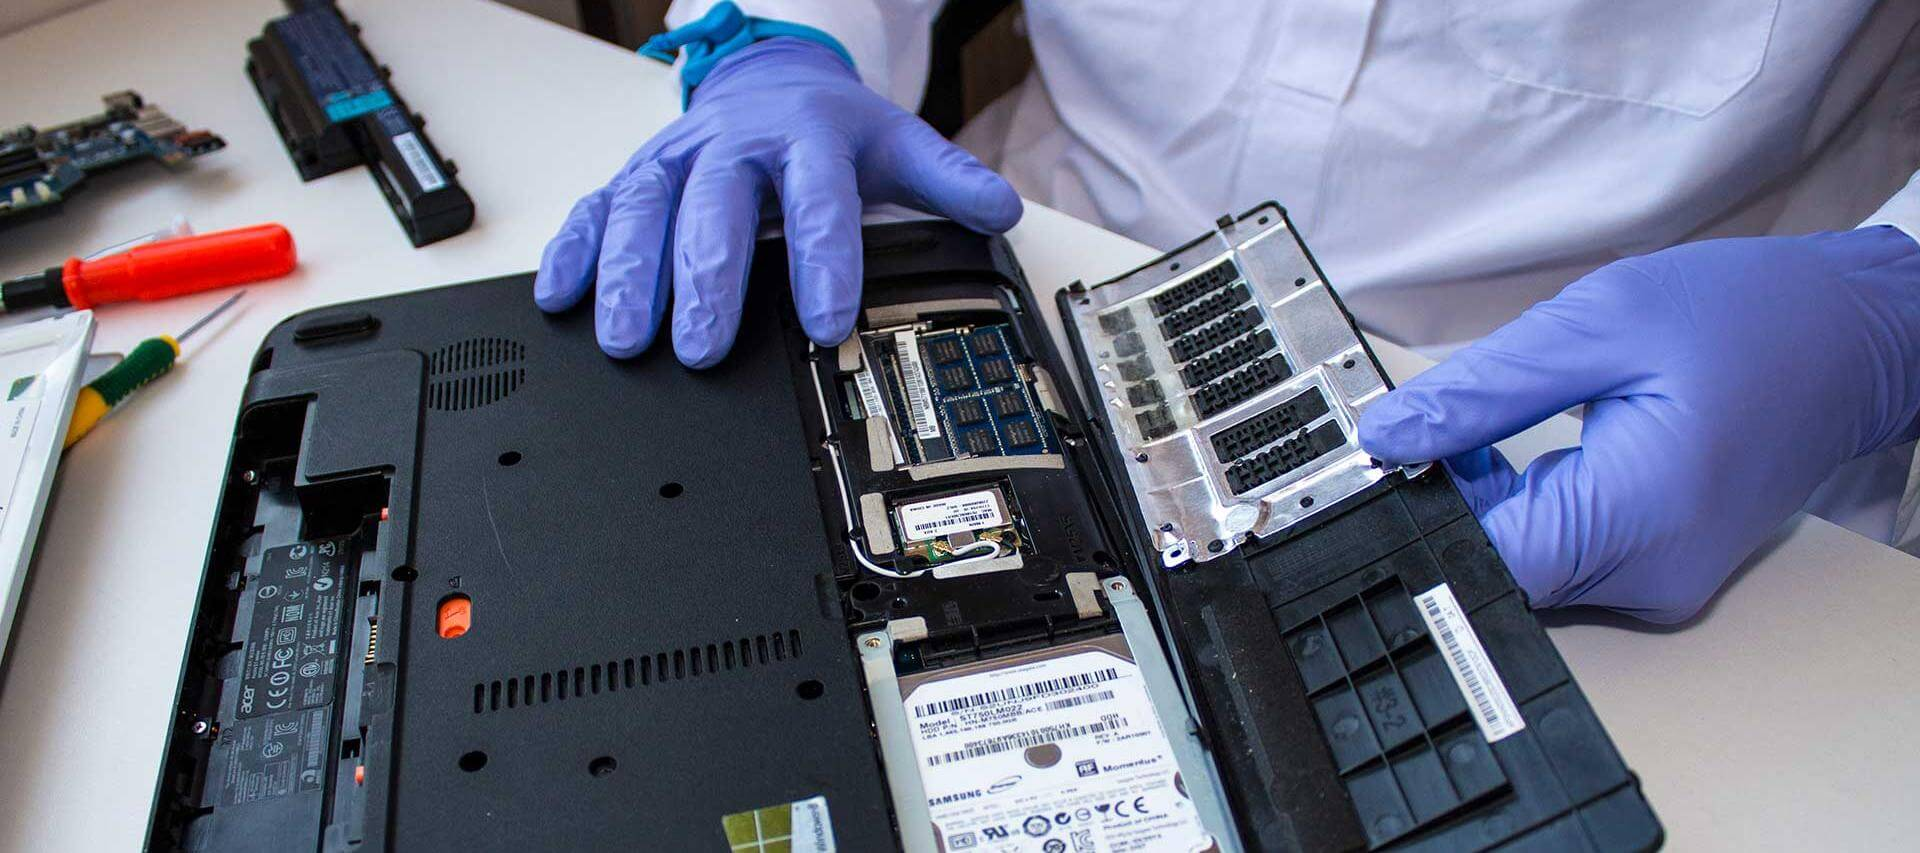 Ремонт компьютеров Samsung